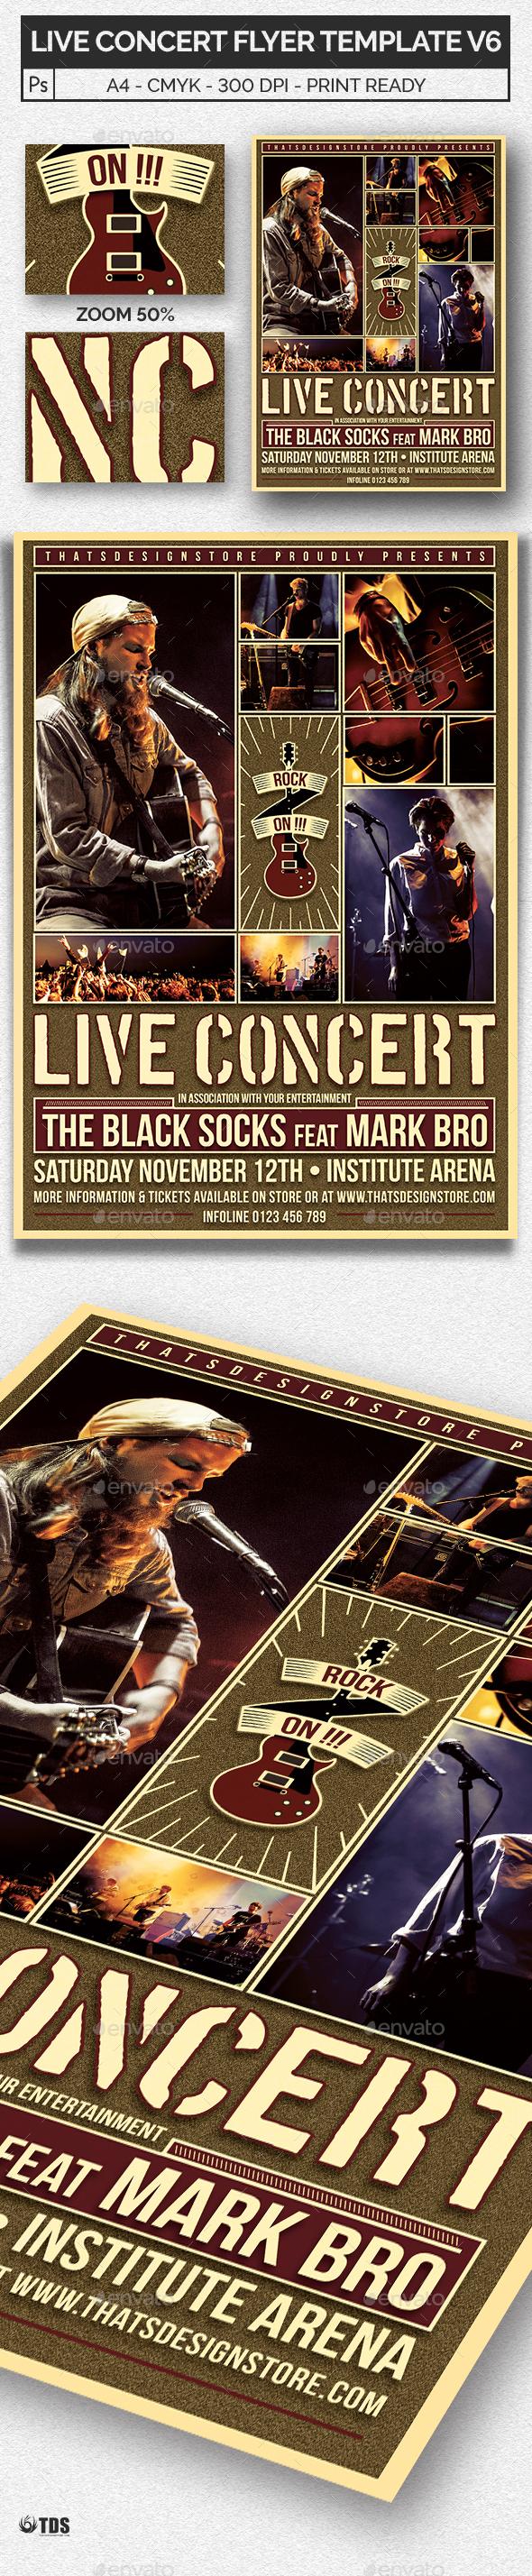 Live Concert Flyer Template V6 - Concerts Events